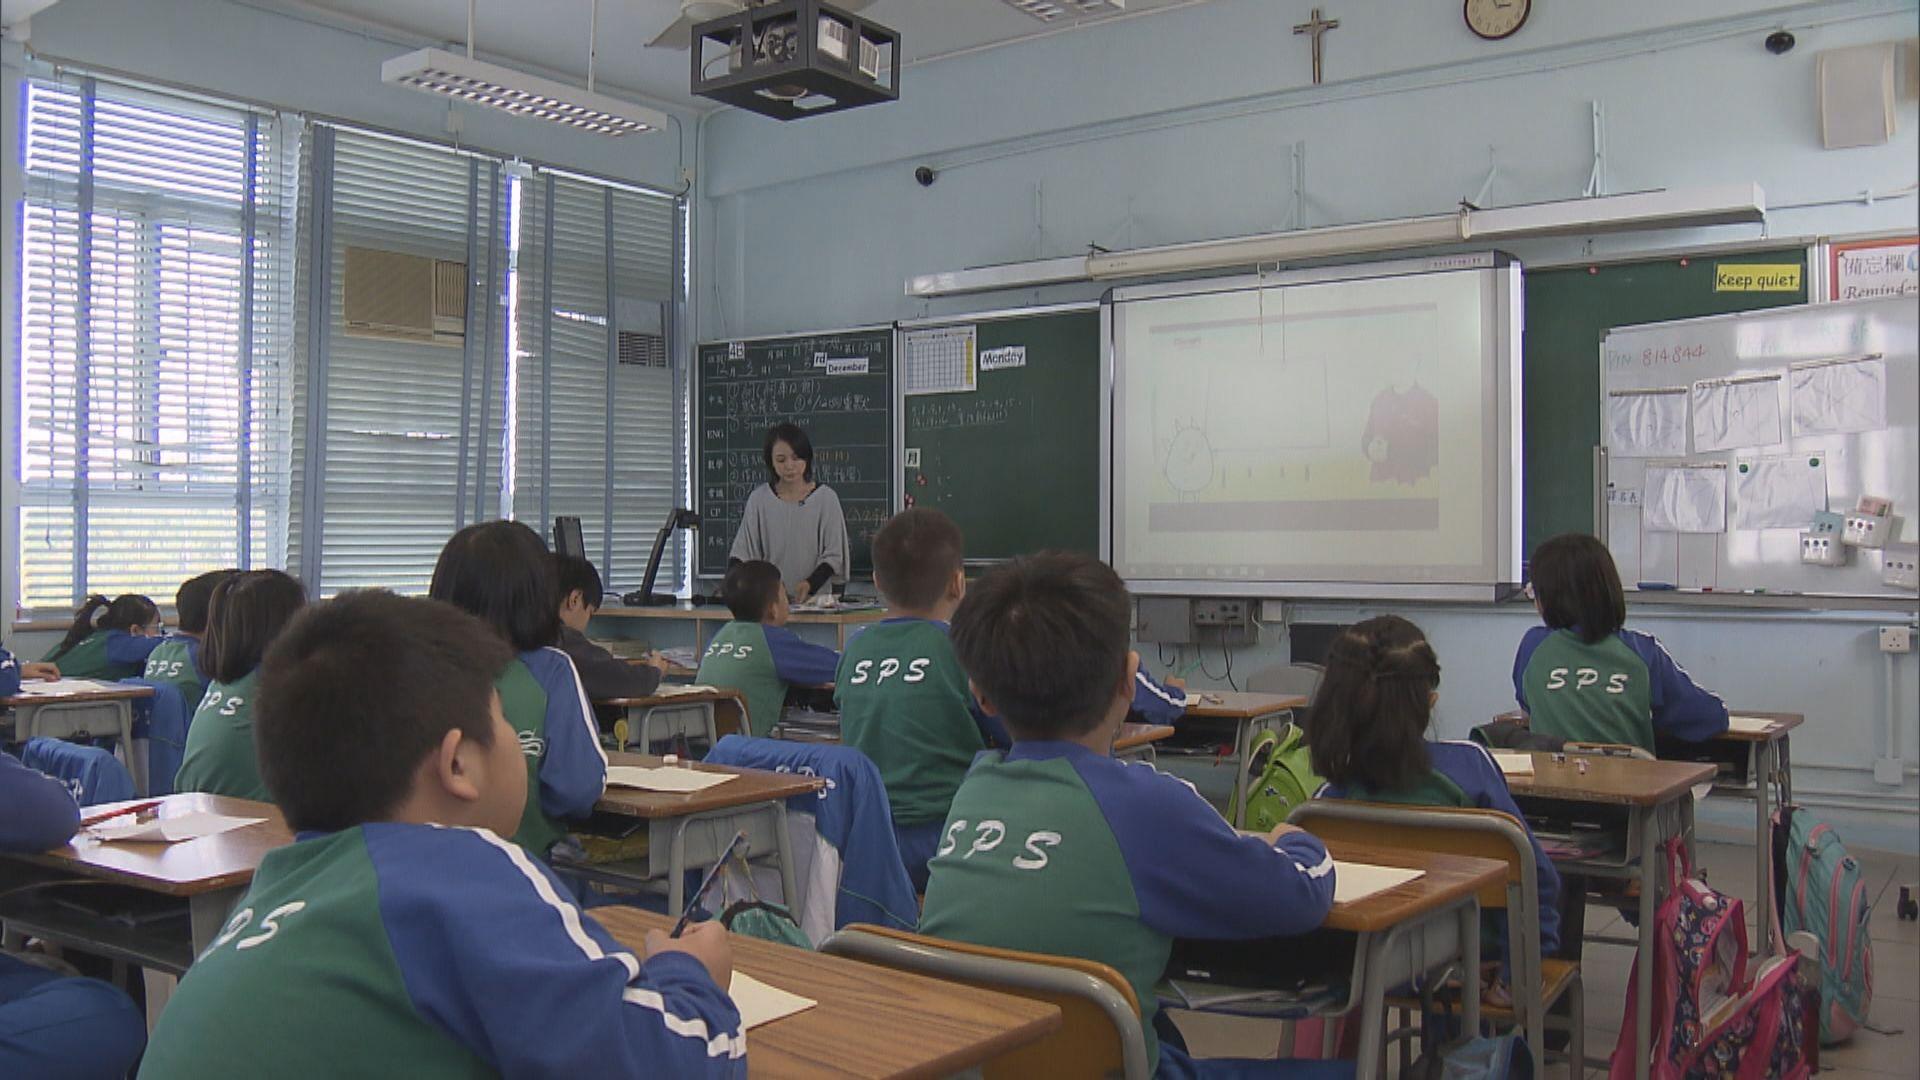 有學校稱教育電視不合時宜寧願自製教材